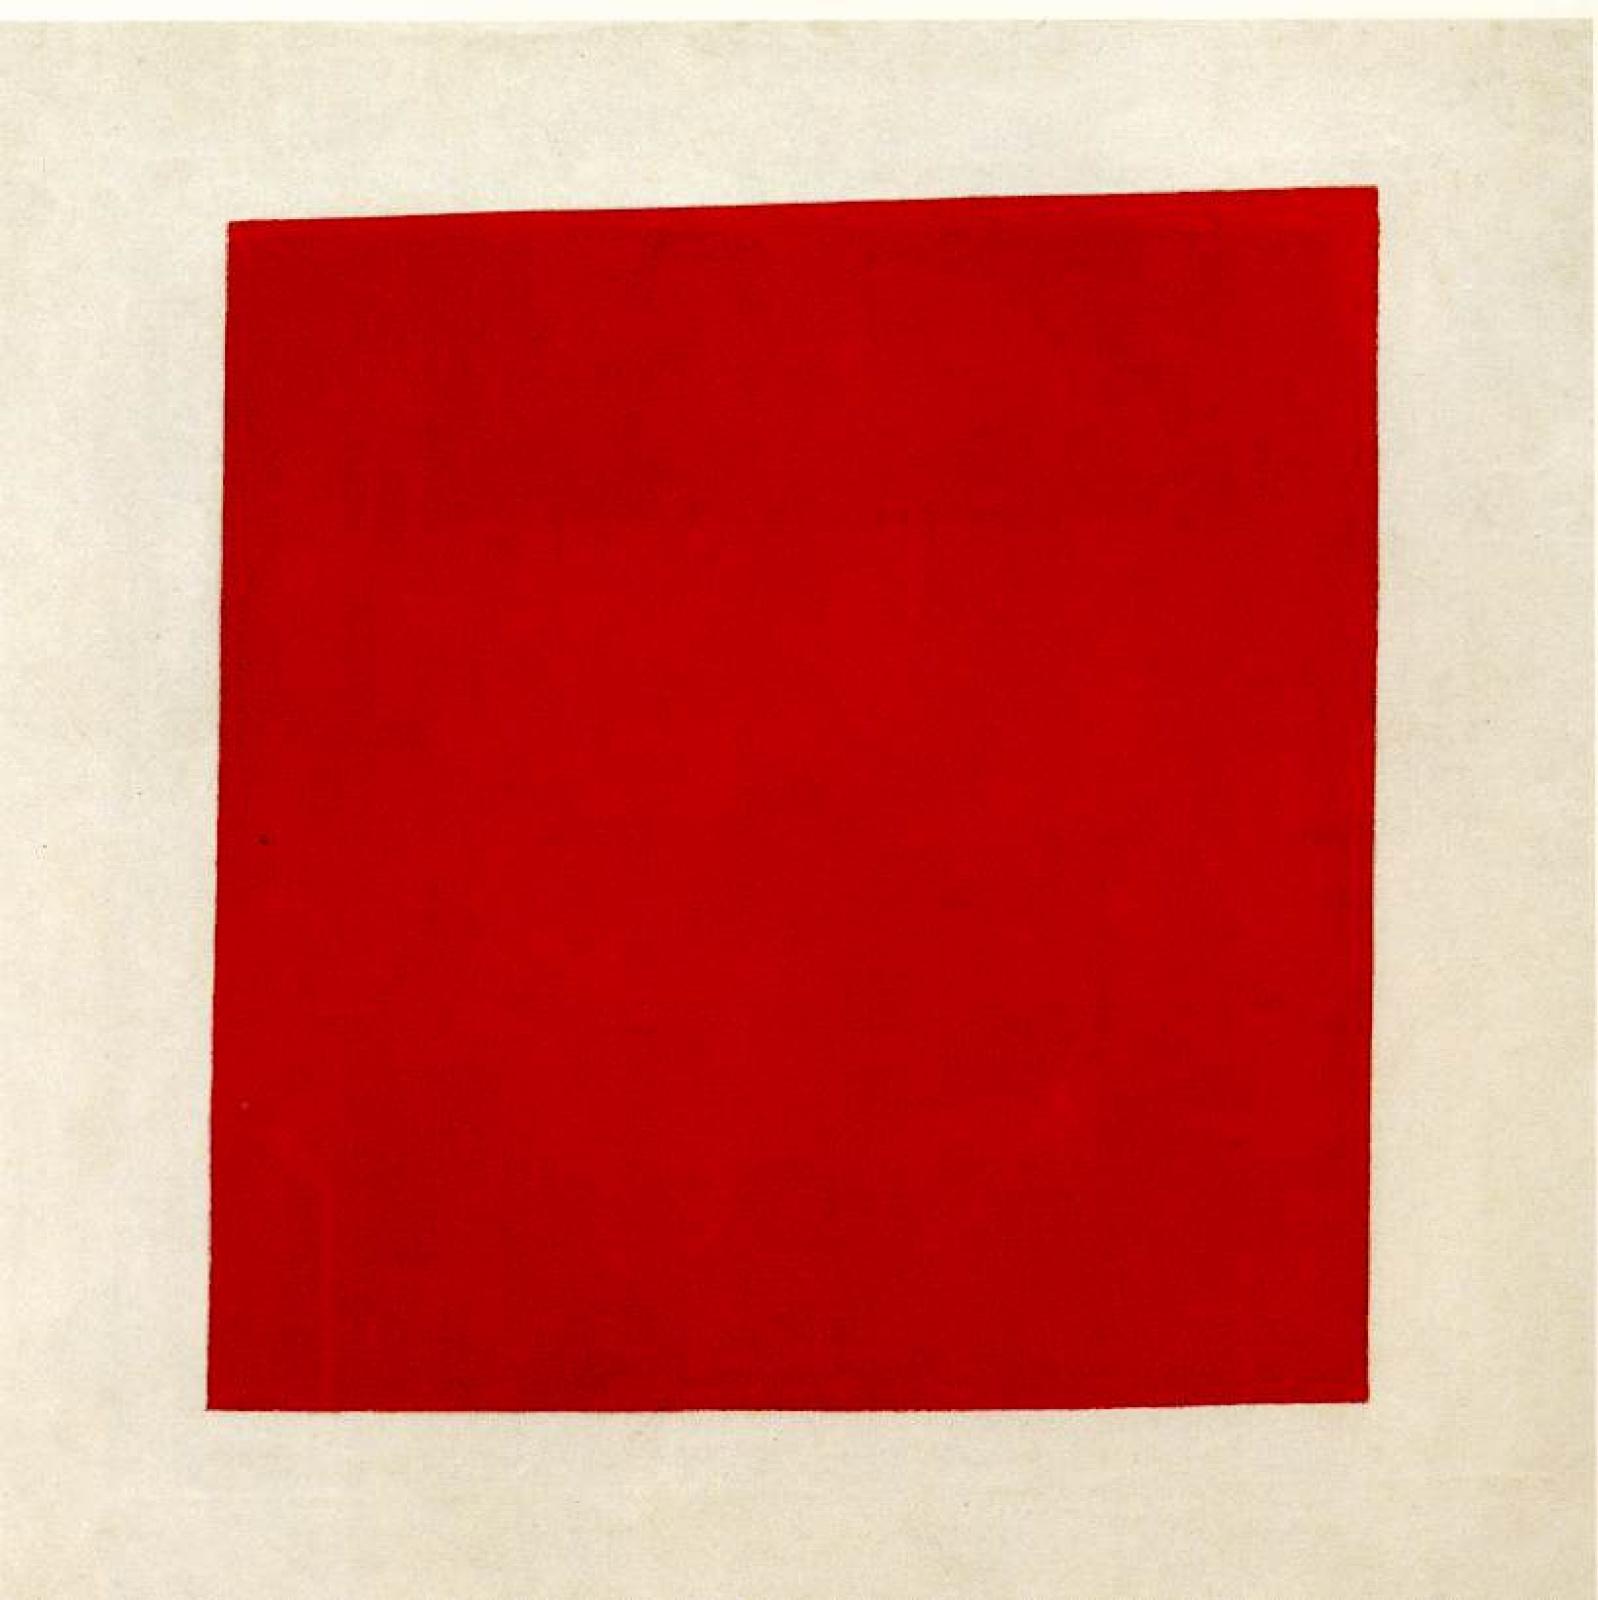 Казимир Северинович Малевич. Красный квадрат (Женщина в двух измерениях)